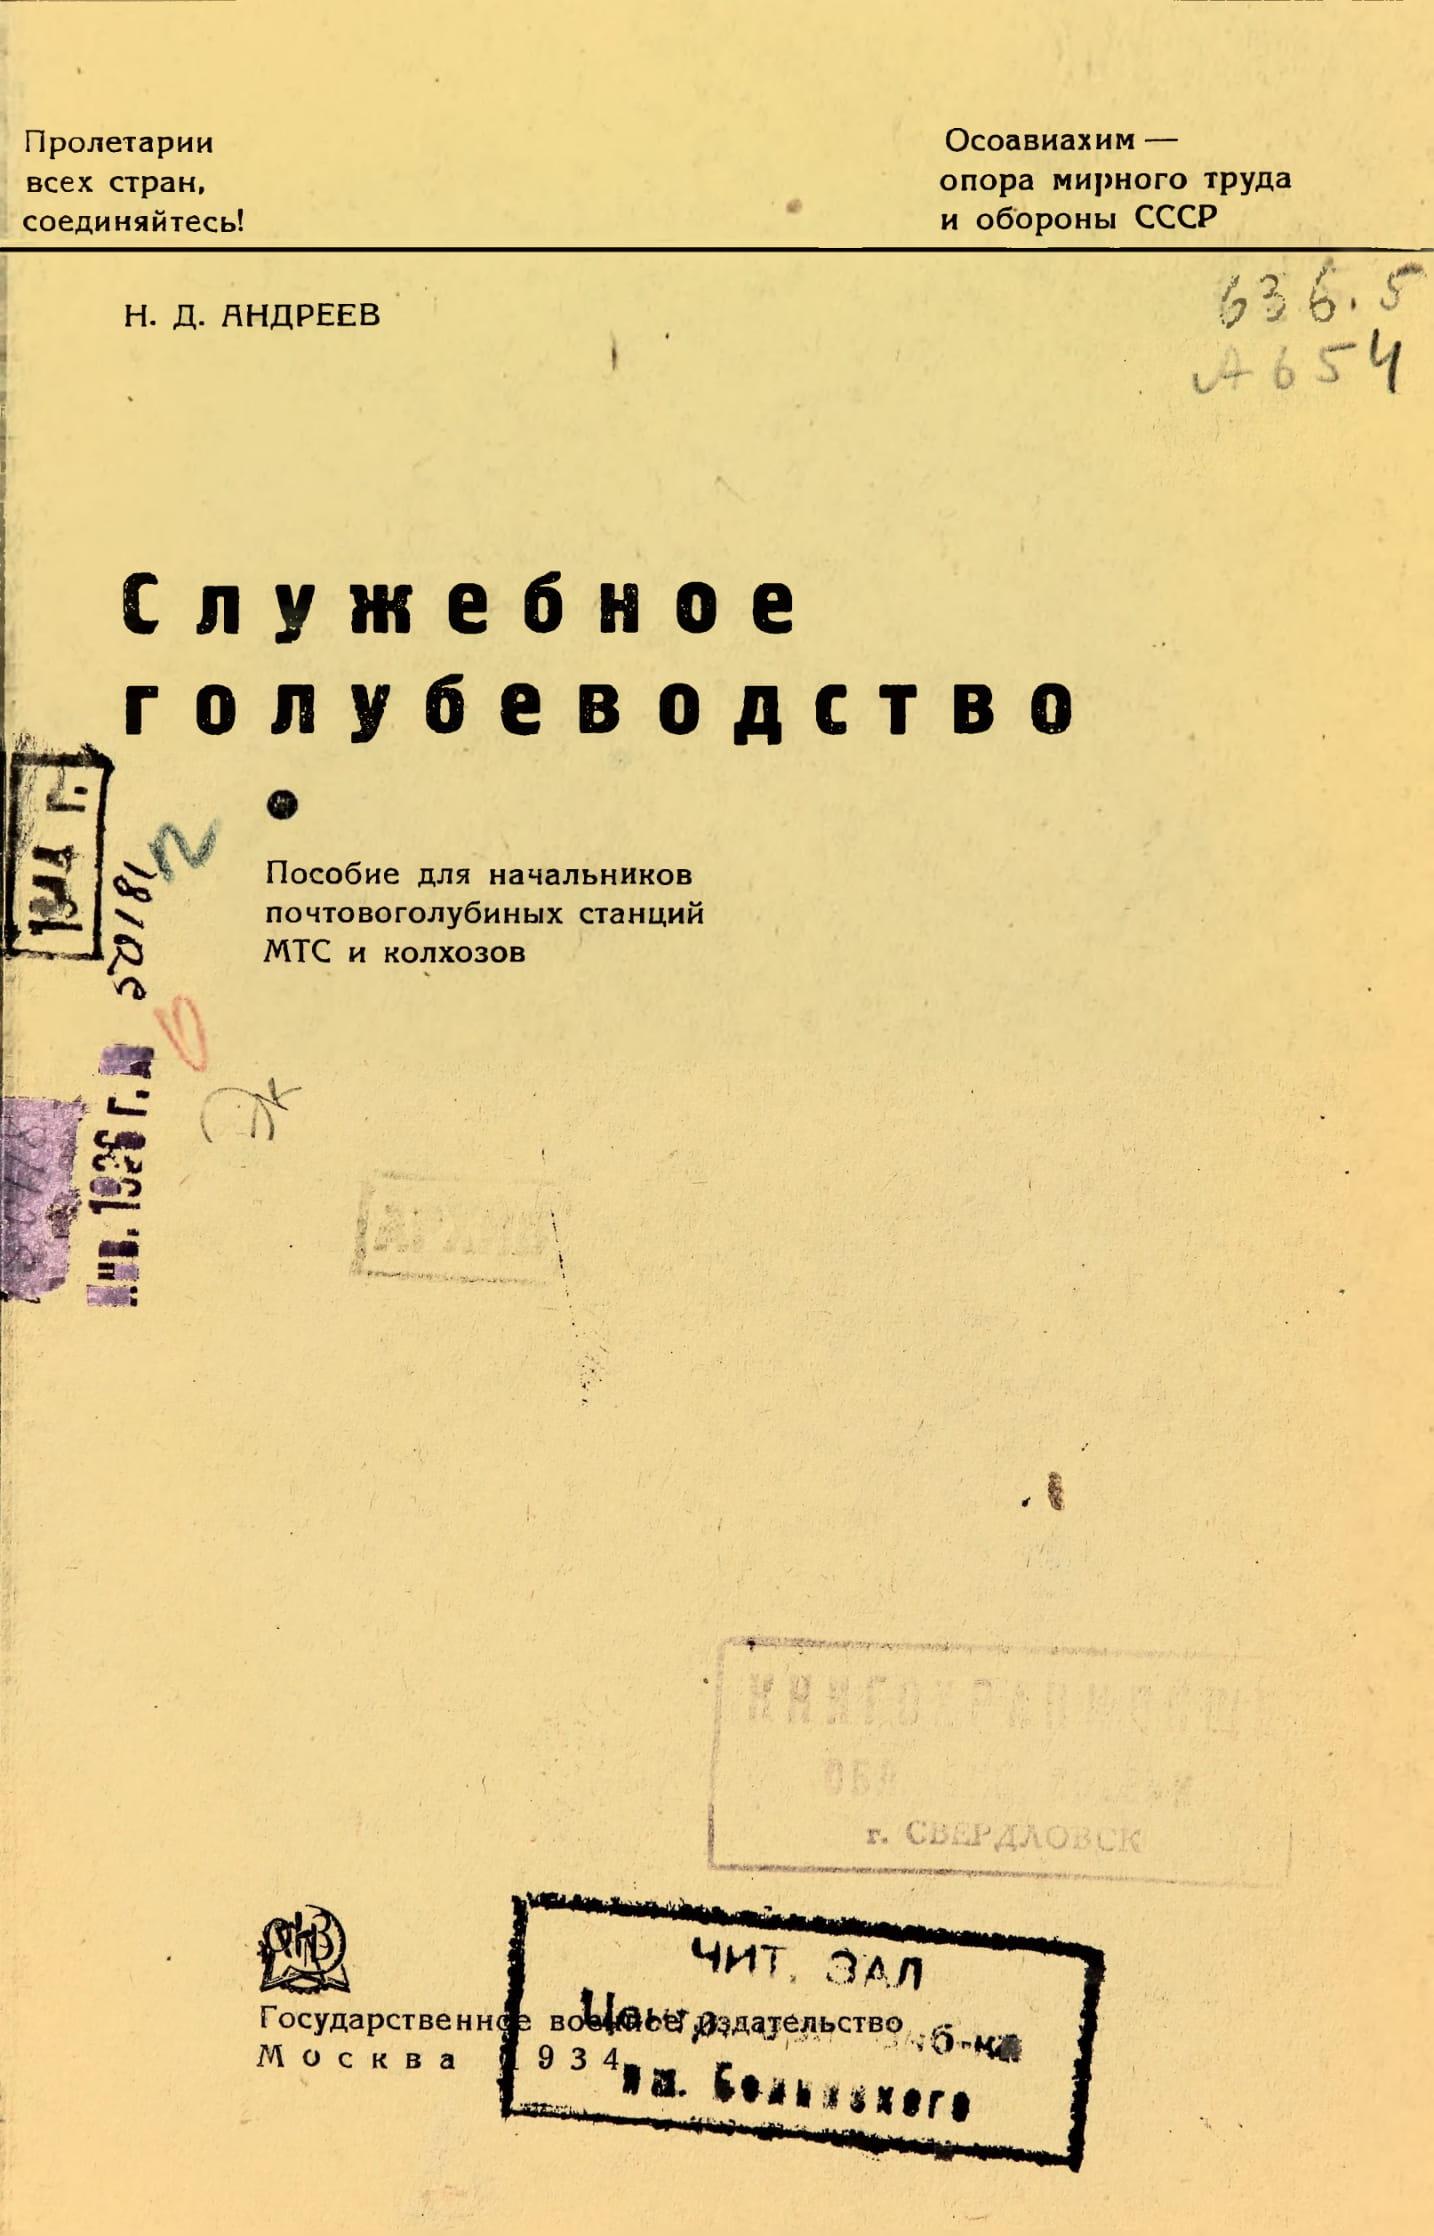 http://s7.uploads.ru/Hnp6q.jpg